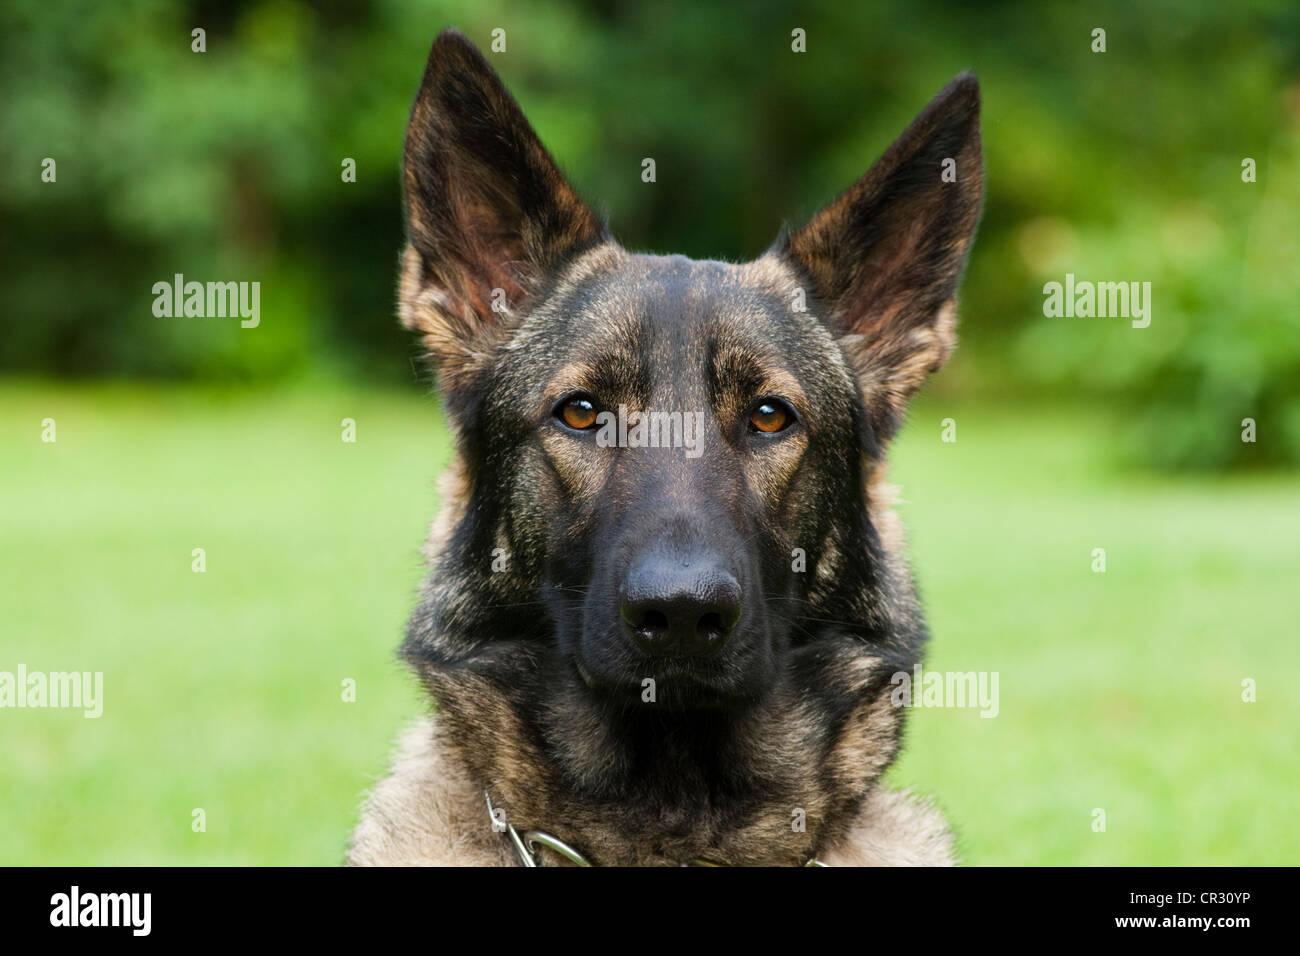 German shepherd dog, Alsatian, portrait - Stock Image